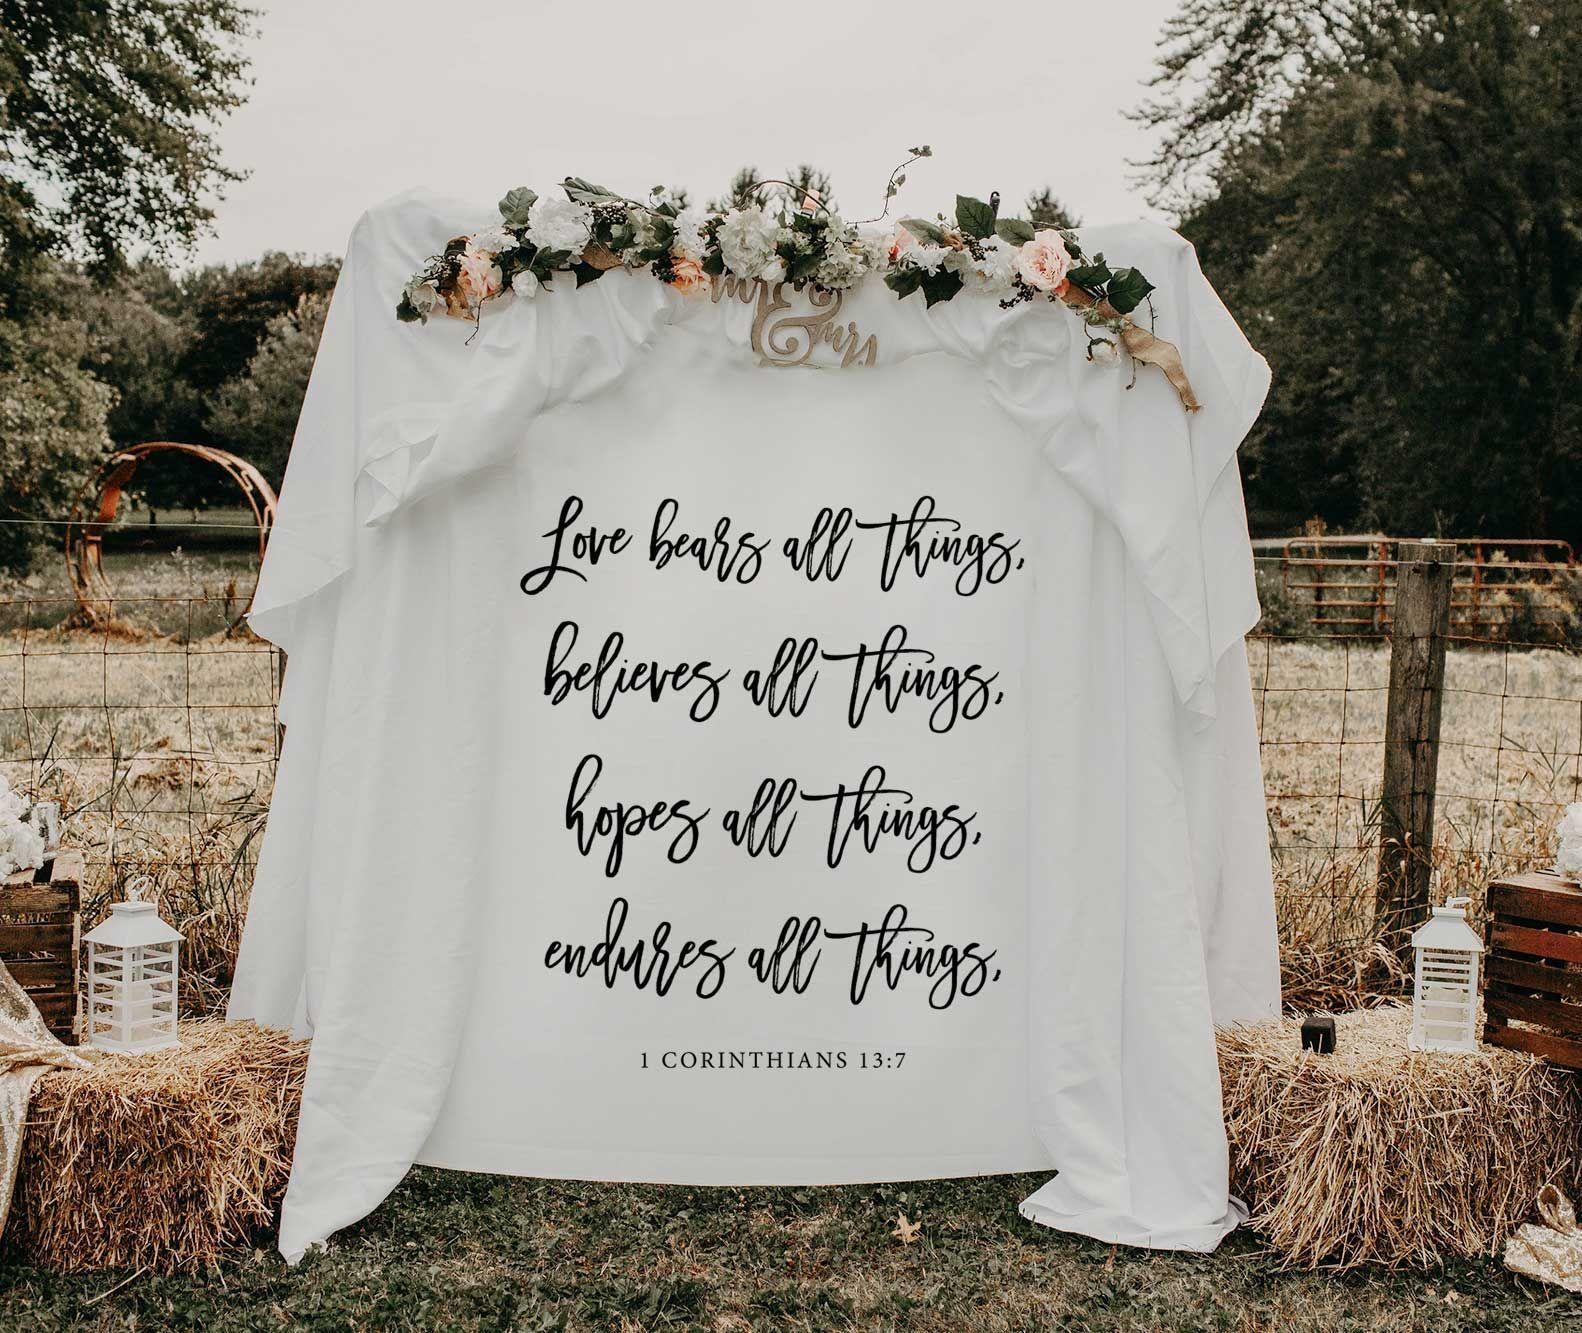 Christian Wedding Reception Ideas: Church Wedding Ceremony, Church Wedding Decorations